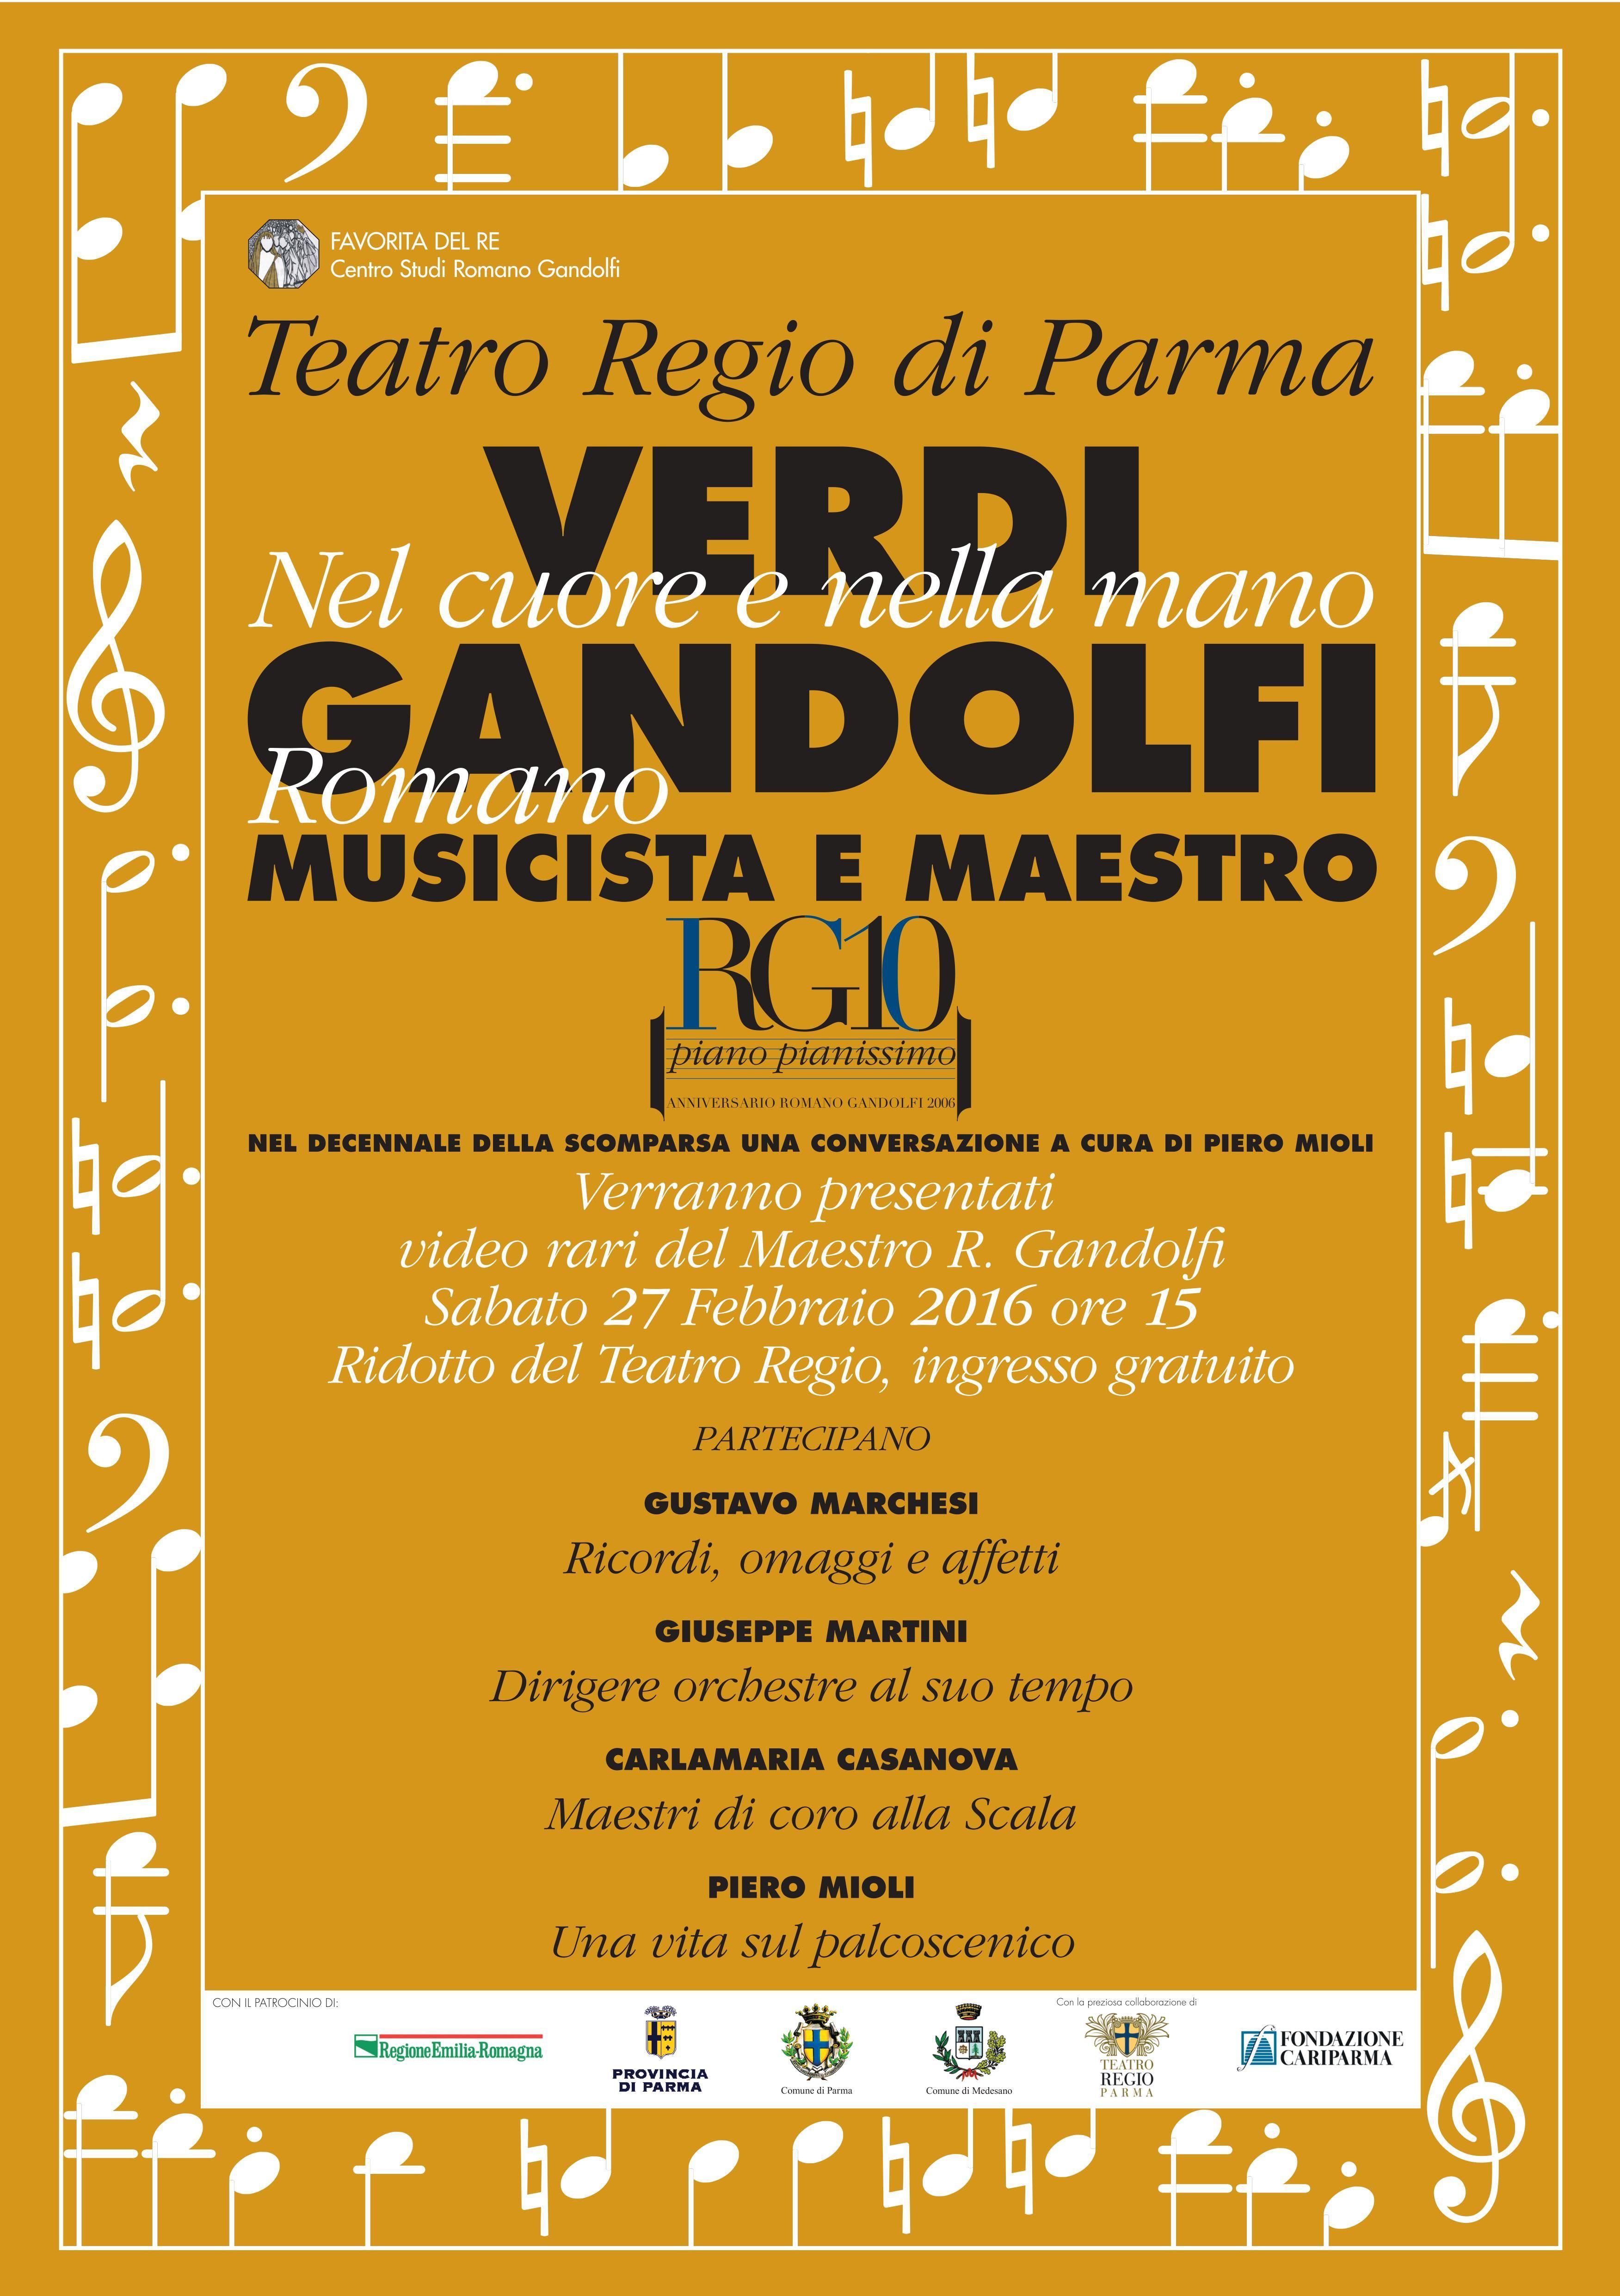 giornata di studi su Verdi e Gandolfi